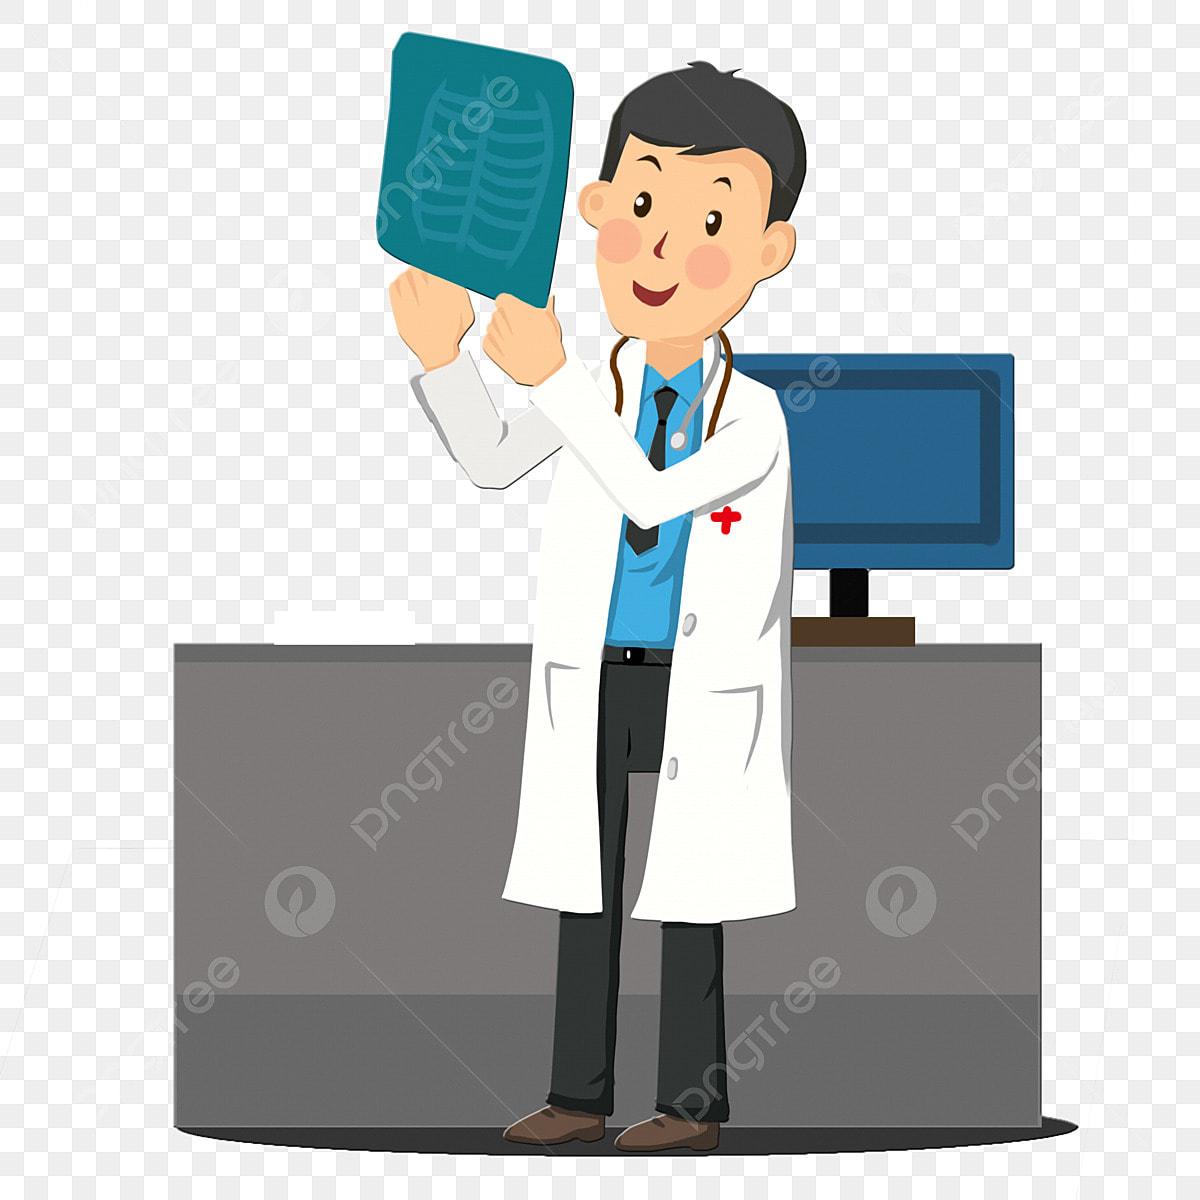 دكتور الكمبيوتر